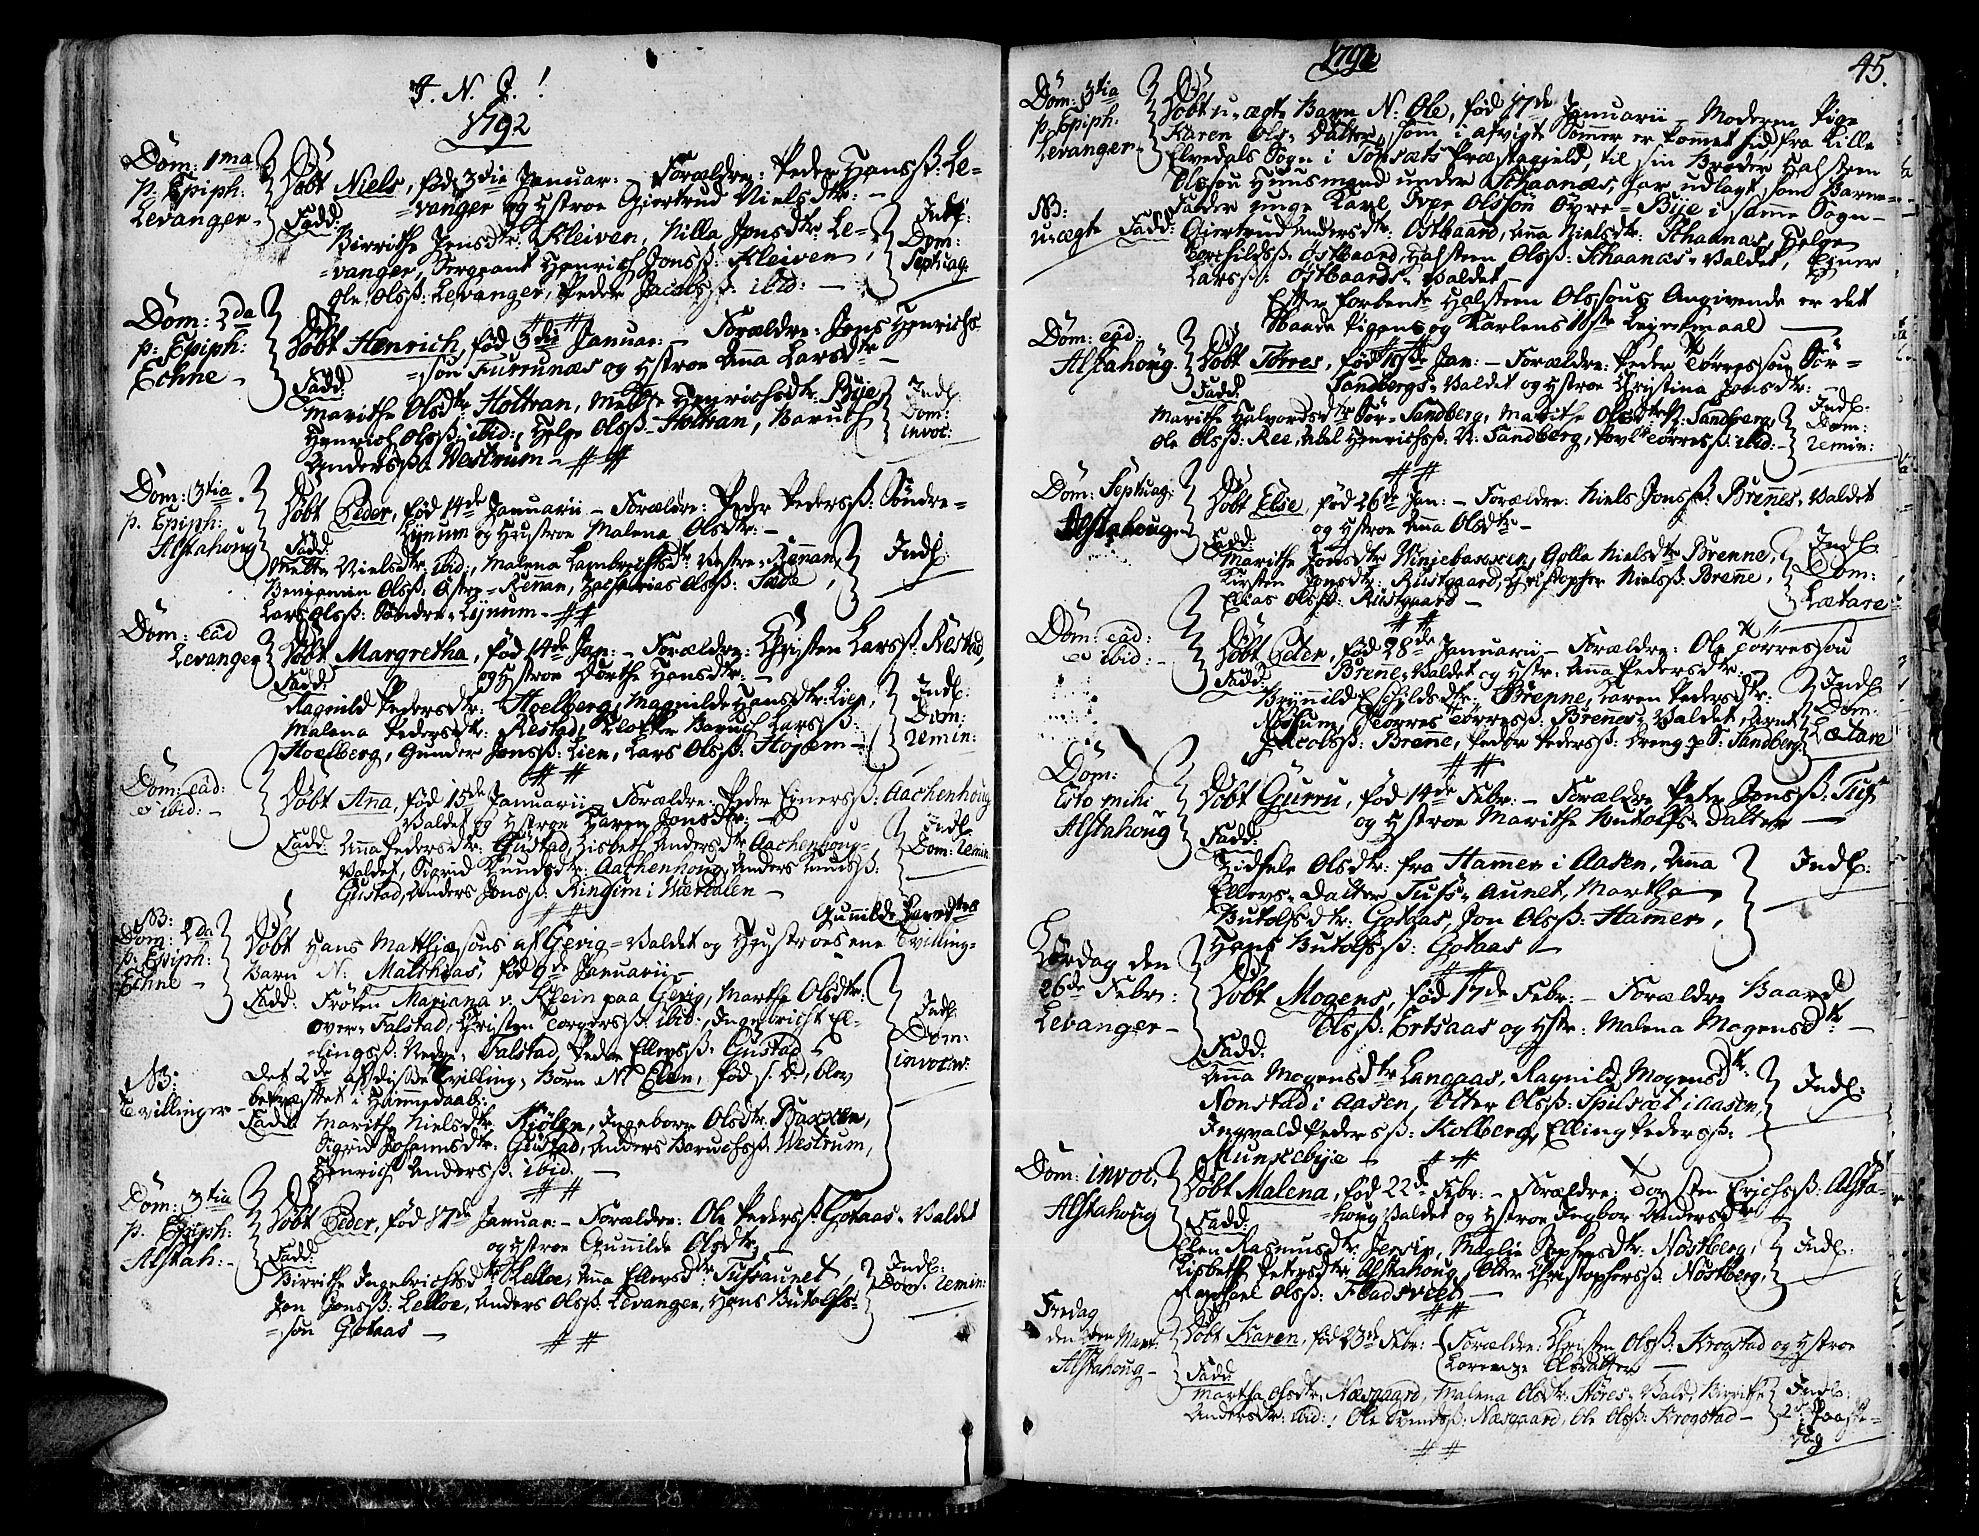 SAT, Ministerialprotokoller, klokkerbøker og fødselsregistre - Nord-Trøndelag, 717/L0142: Ministerialbok nr. 717A02 /1, 1783-1809, s. 45